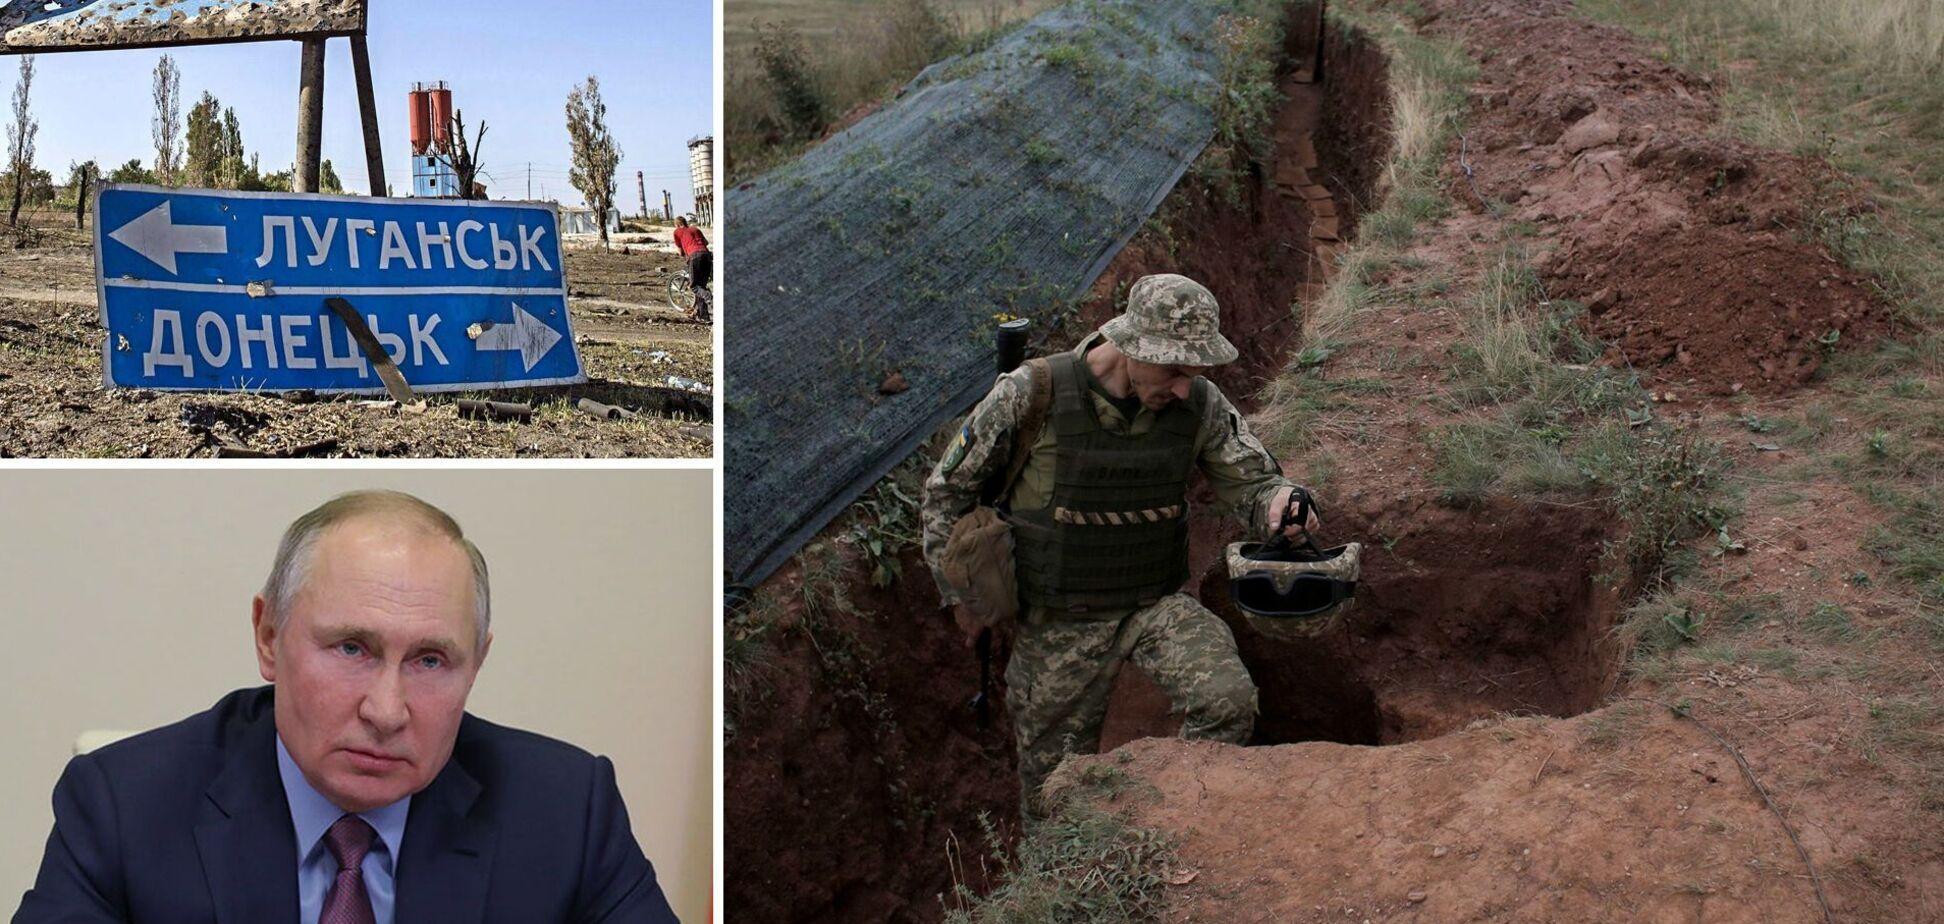 Російські війська контролюють територію ОРДЛО з 2014 року